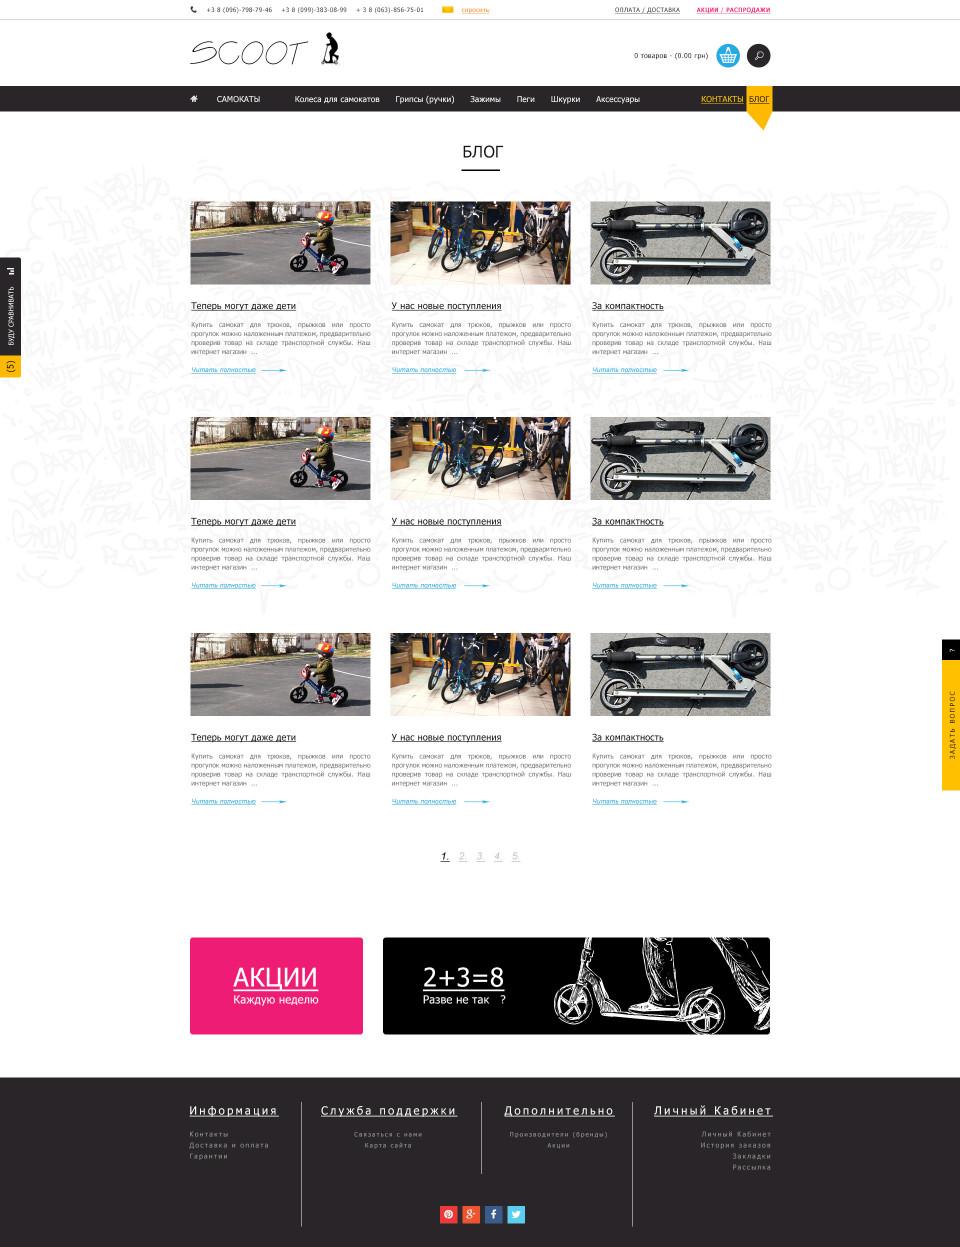 Интернет магазин трюковых самокатов Scoot - Блог (макет)